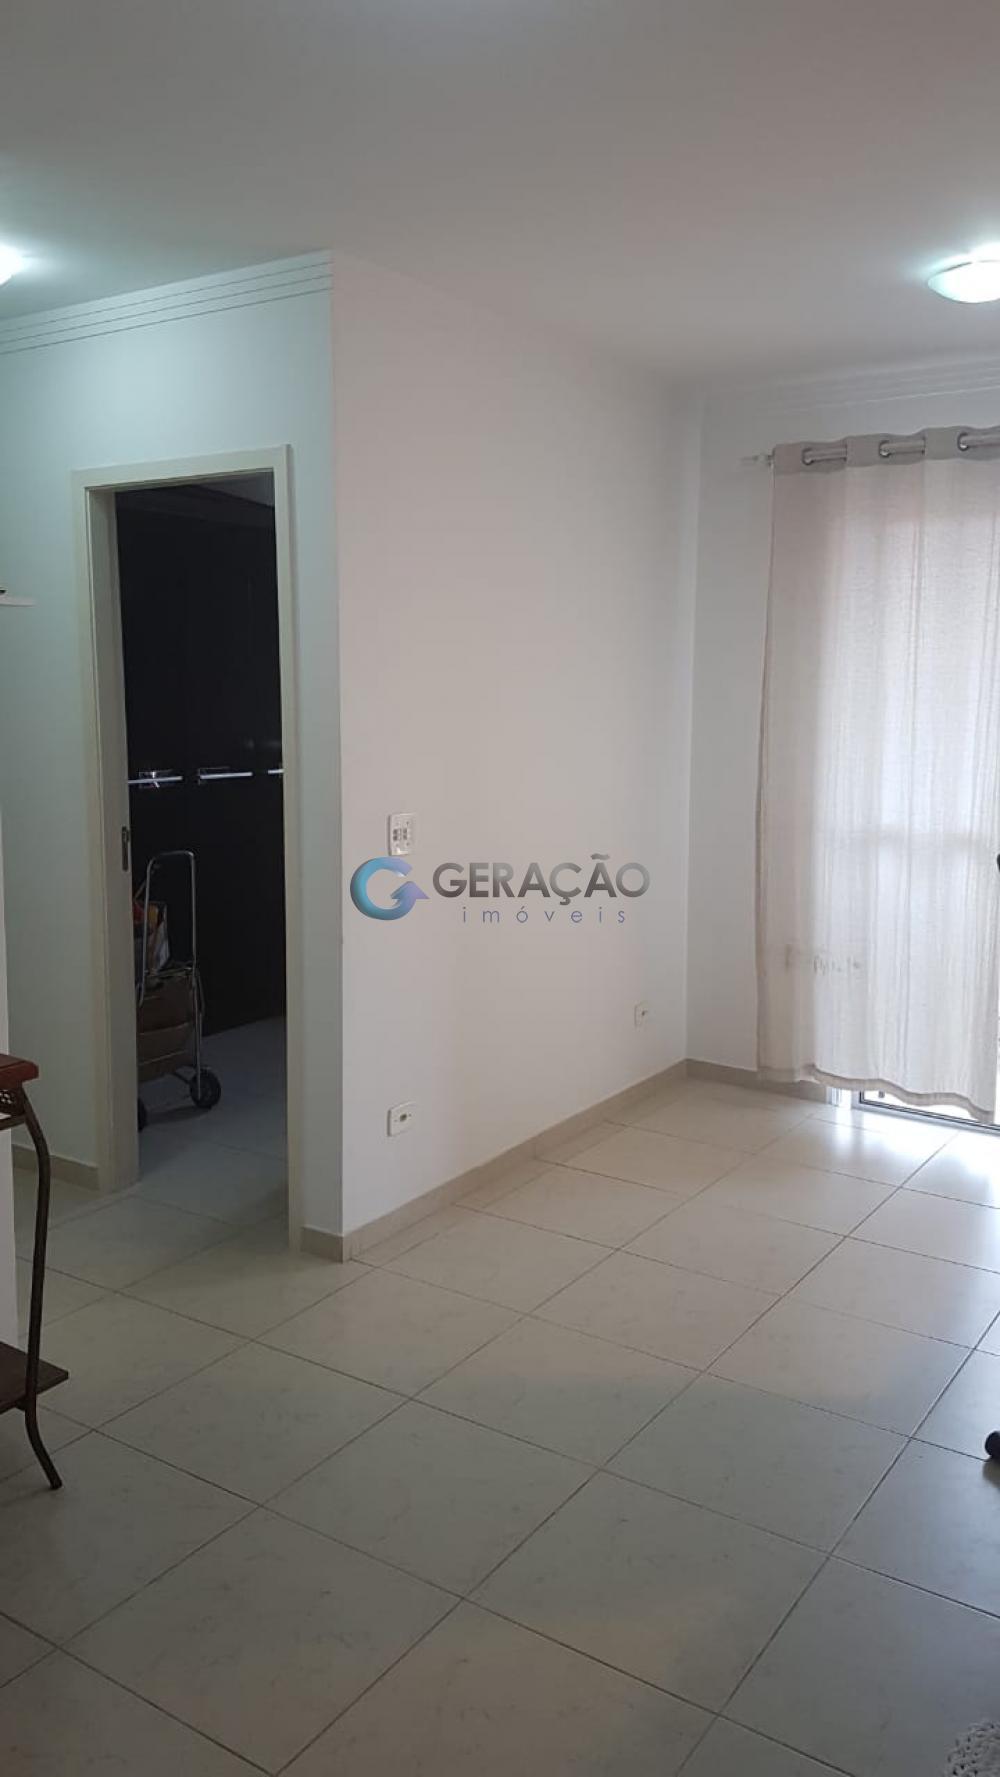 Comprar Apartamento / Padrão em São José dos Campos apenas R$ 245.000,00 - Foto 5